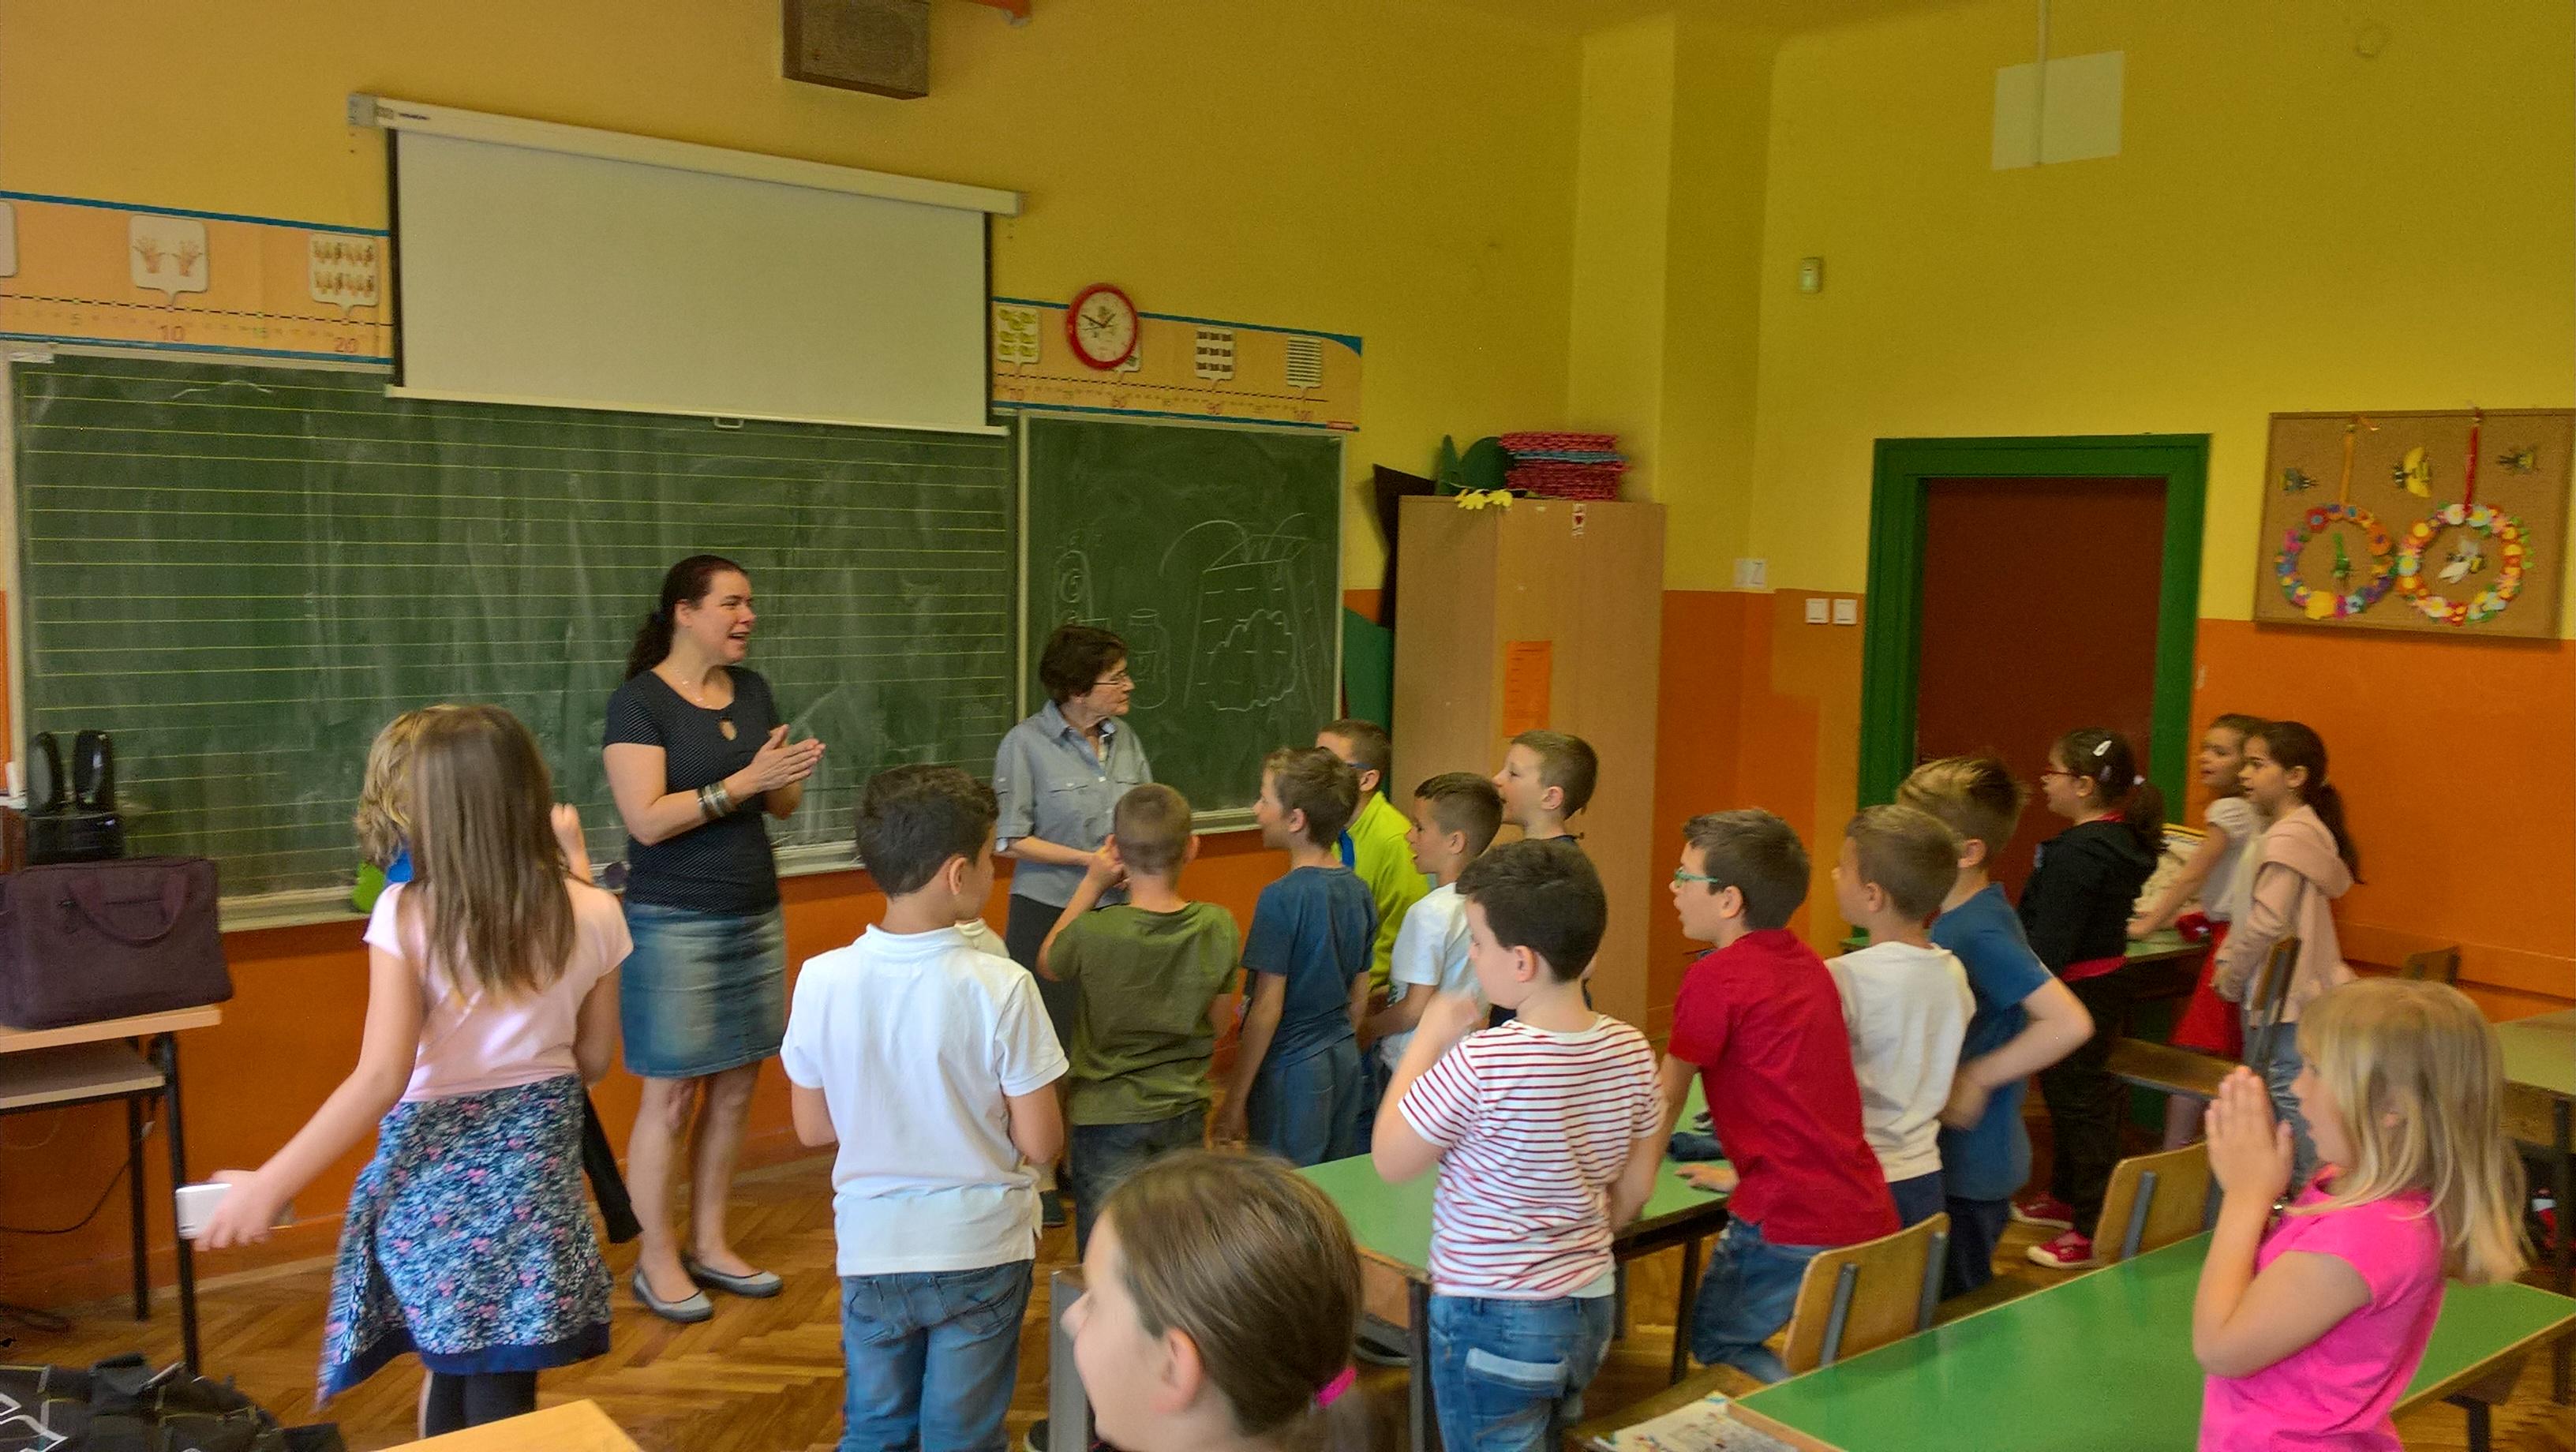 Susret s književnicom - Željka Horvat Vukelja